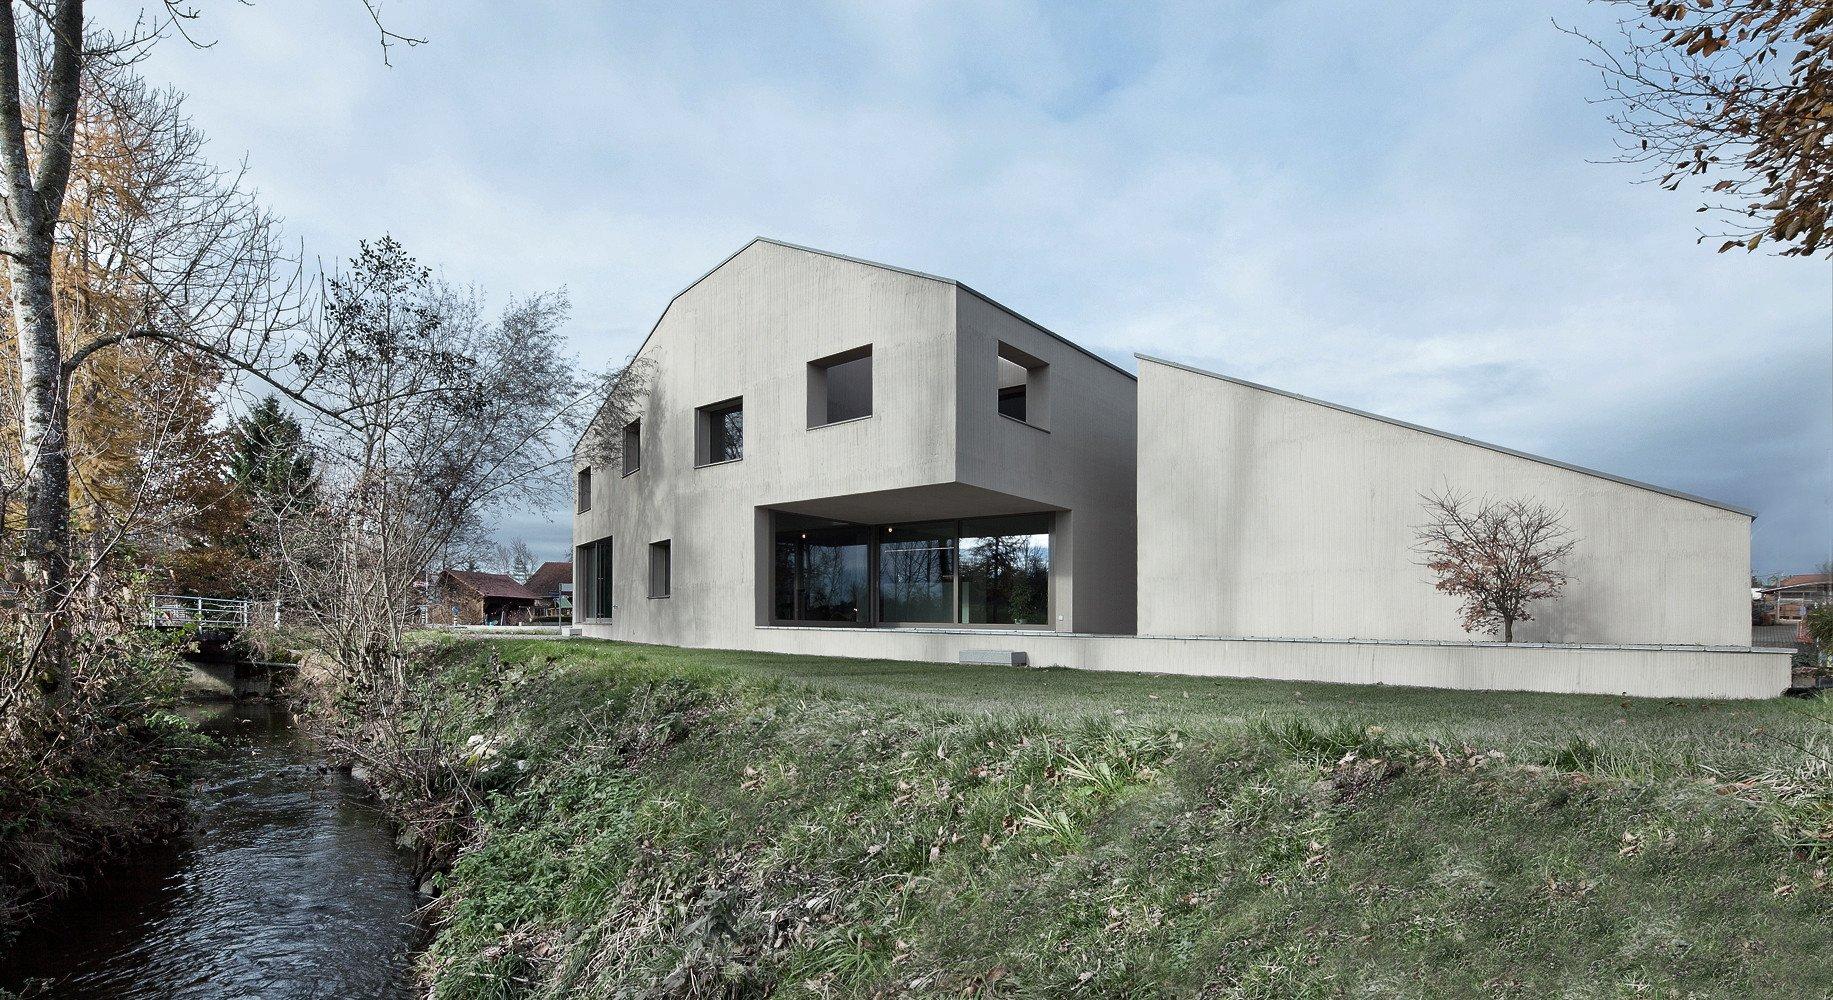 haus am bach in urswil beton wohnen efh baunetz wissen. Black Bedroom Furniture Sets. Home Design Ideas